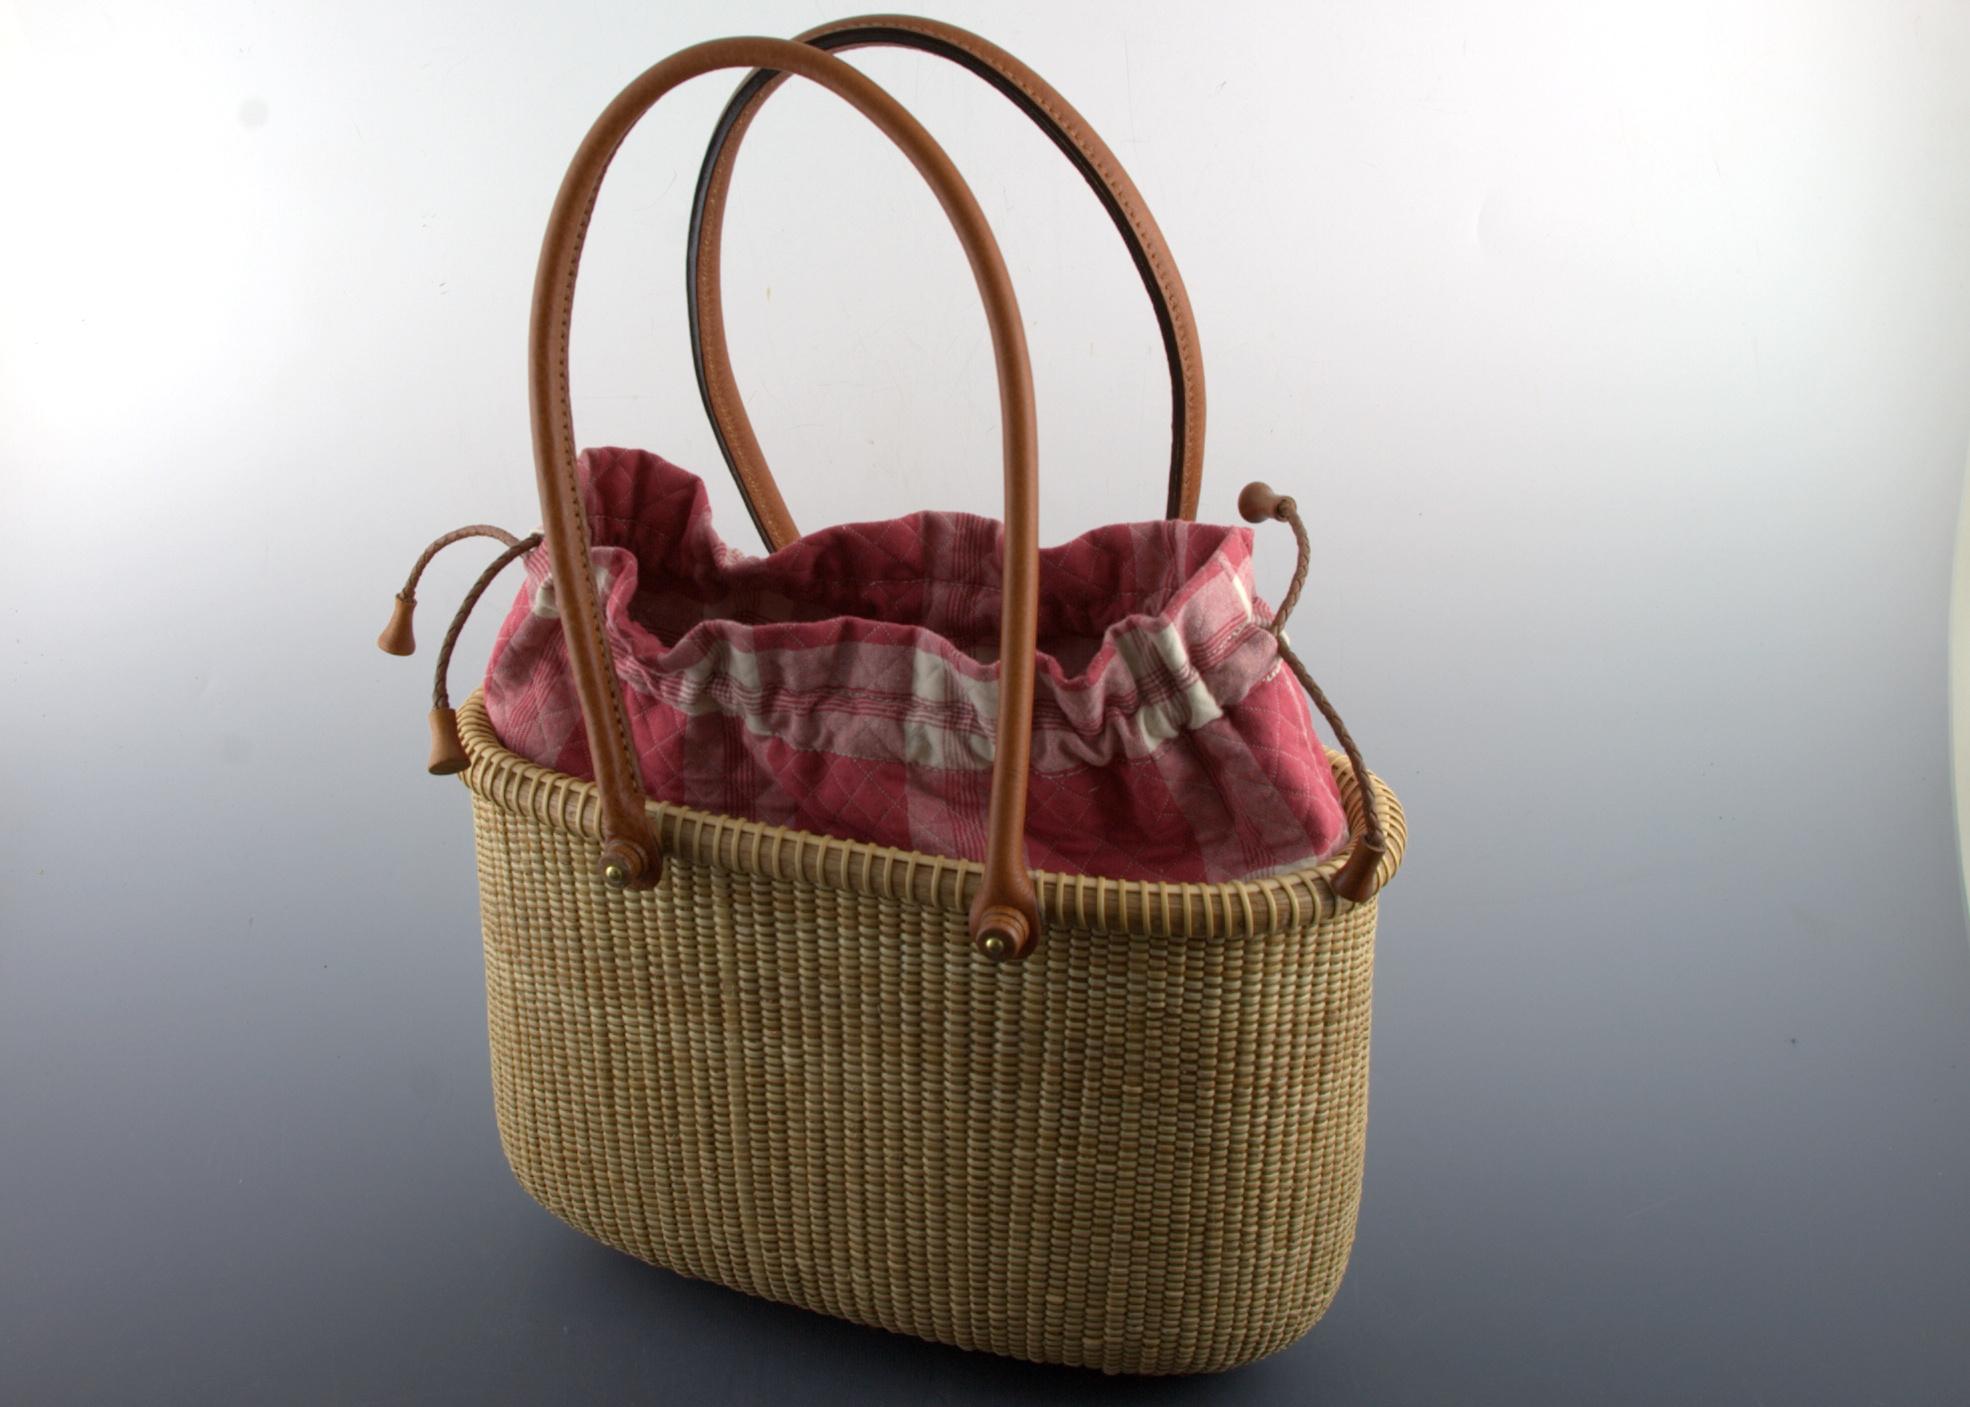 Tote basket 10 inch - mahogany